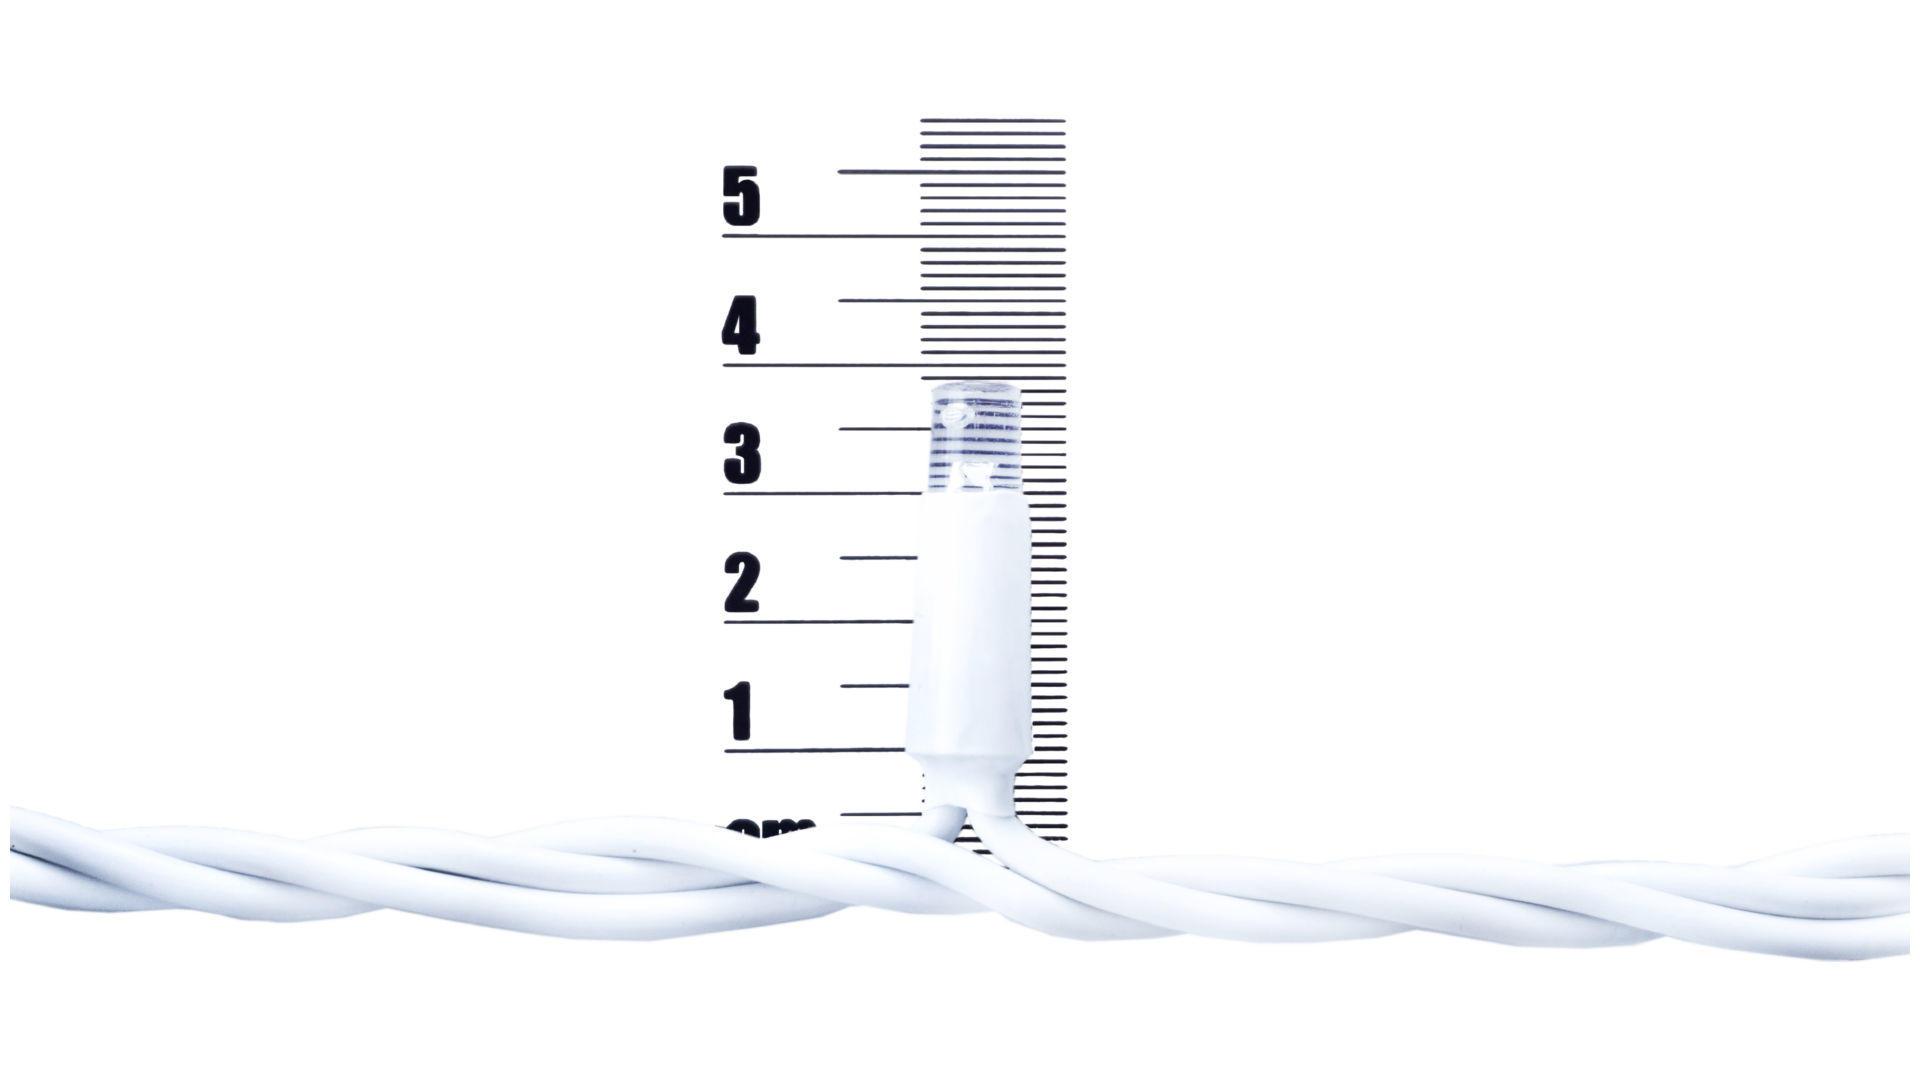 Гирлянда уличная светодиодная PRC WP - 100 LED x 11 м белая Warm White 2